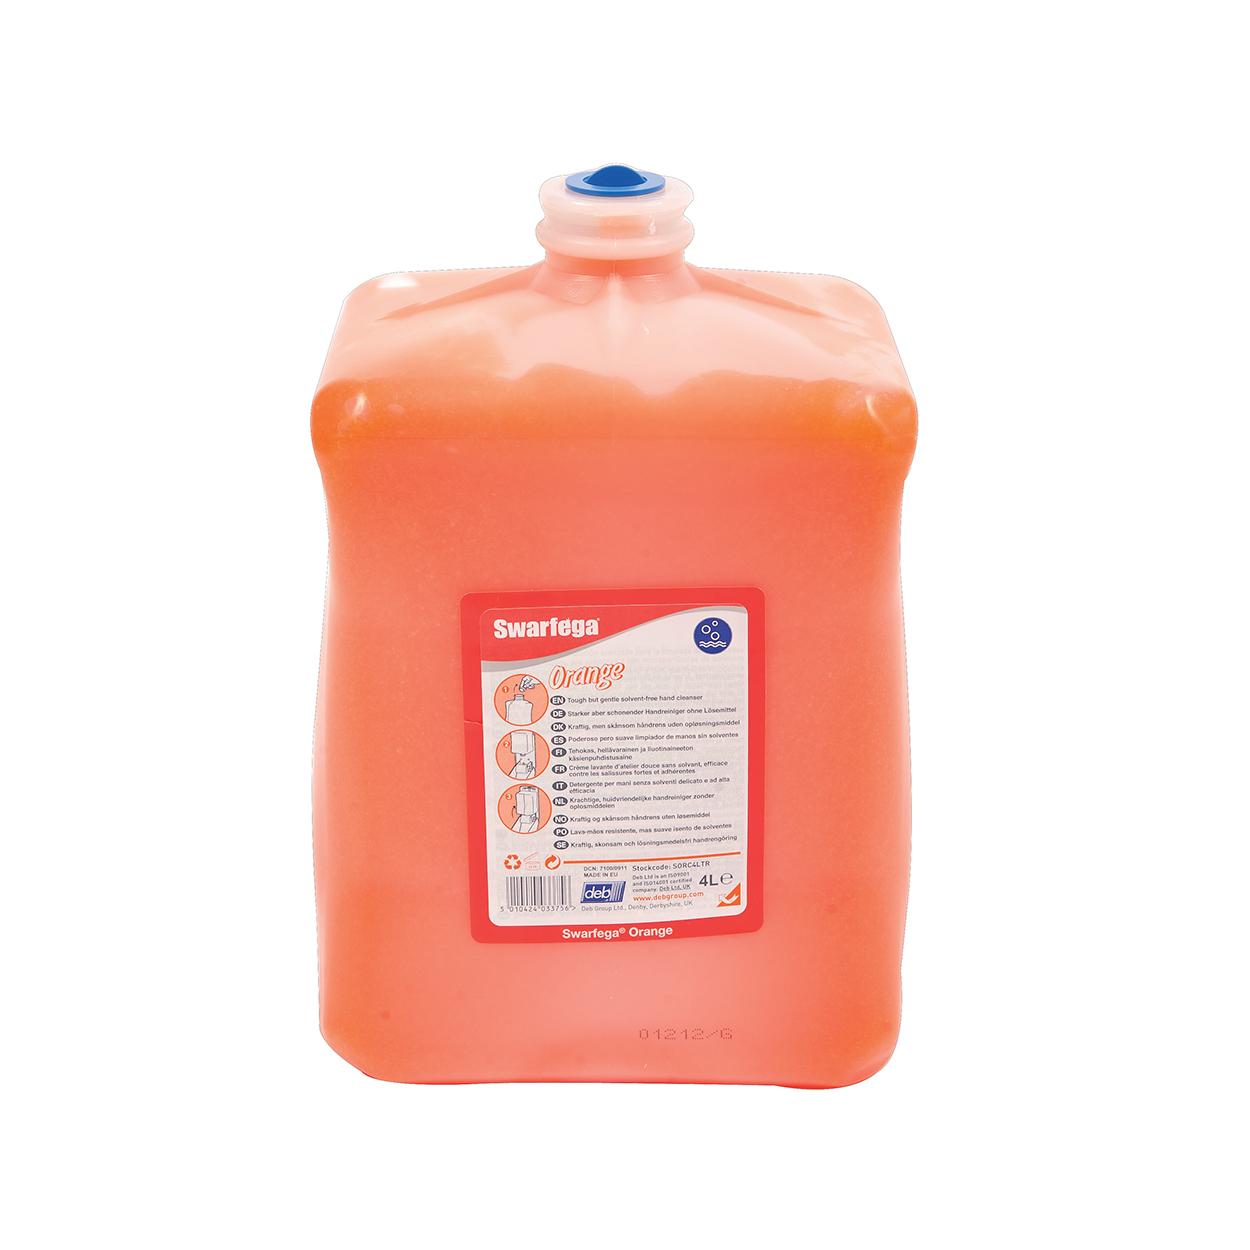 Delikatny i efektywny środek do czyszczenia rąk  Swarfega Orange